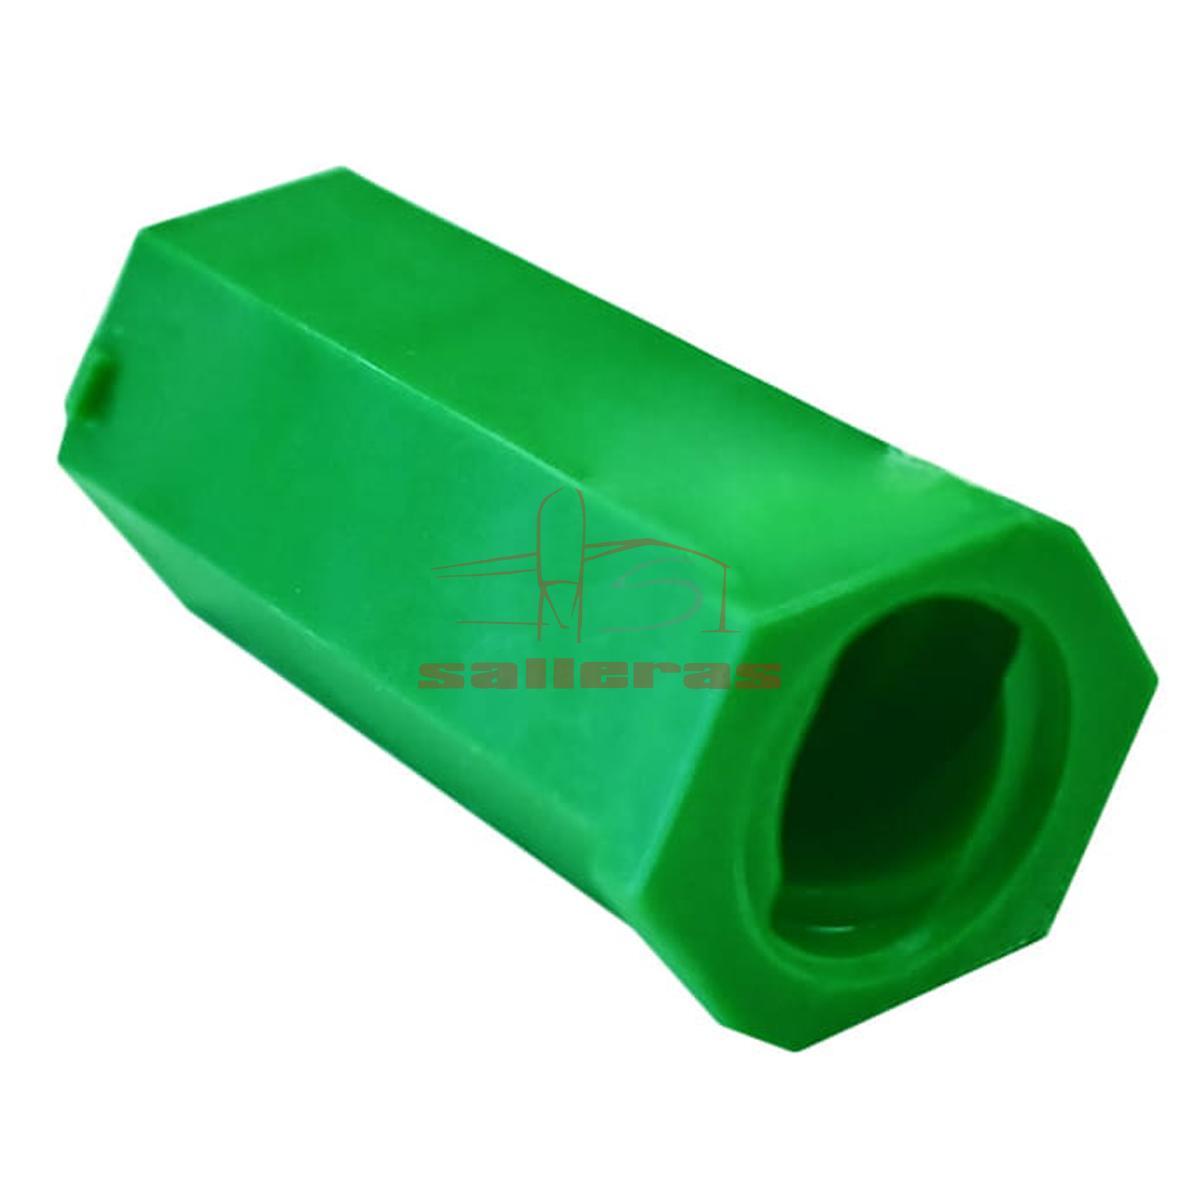 Dos roscas verdes tipo hembra